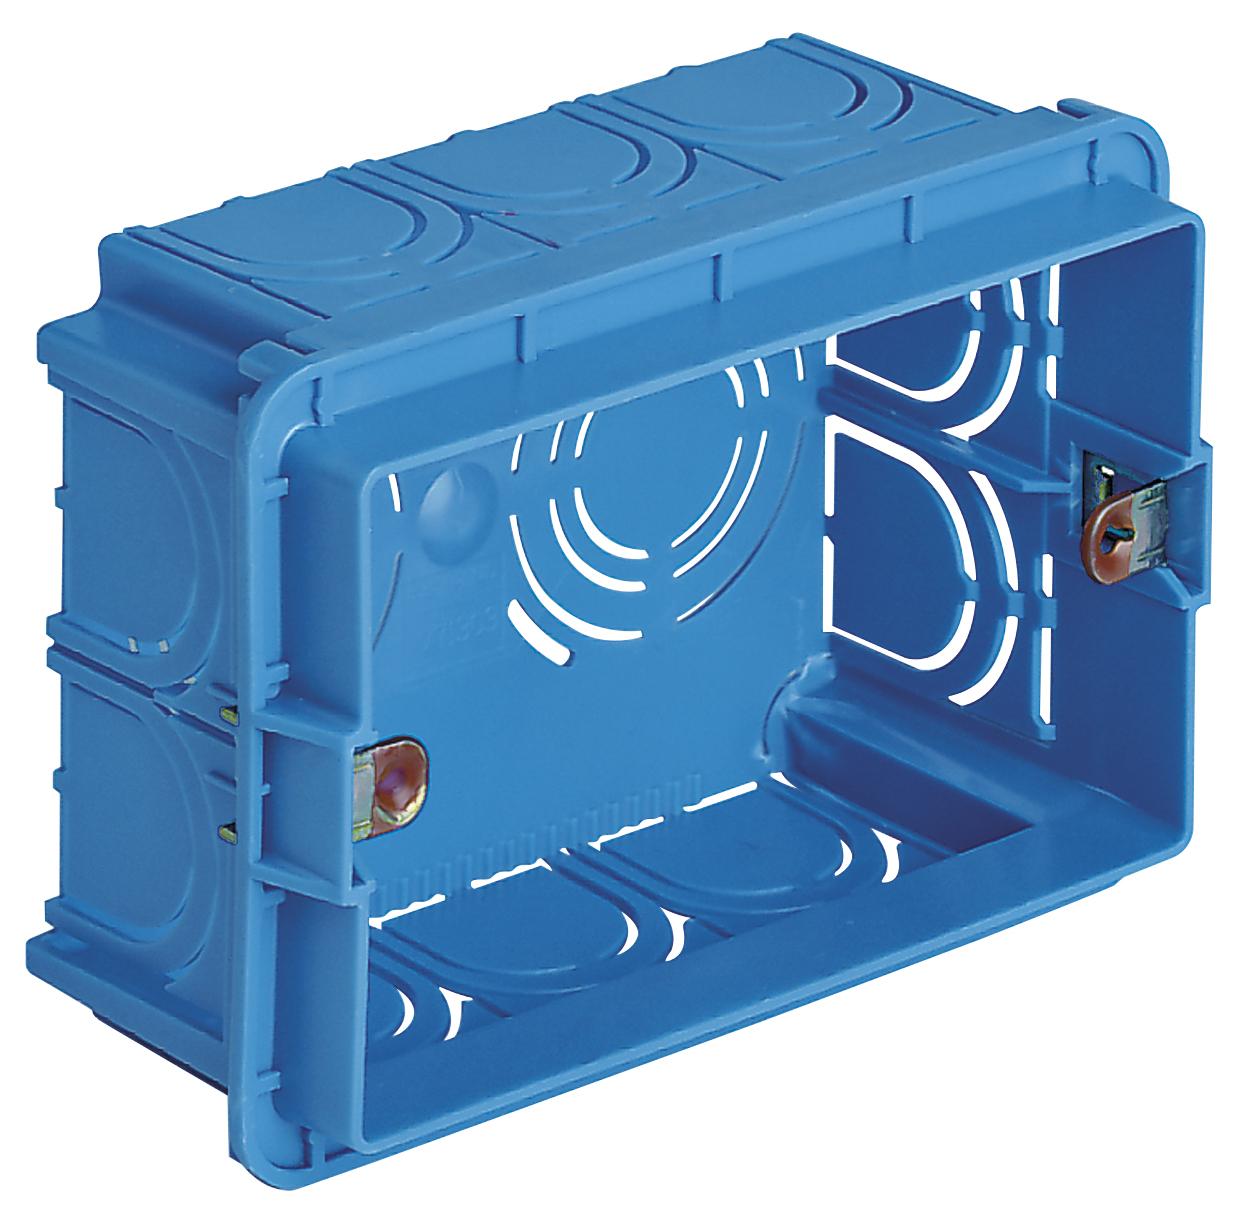 Catalogo Prodotti - Per pareti in muratura: Scatola incasso rettang. 3M azzurro - V71303 - Contenitori e scatole - Vimar energia positiva